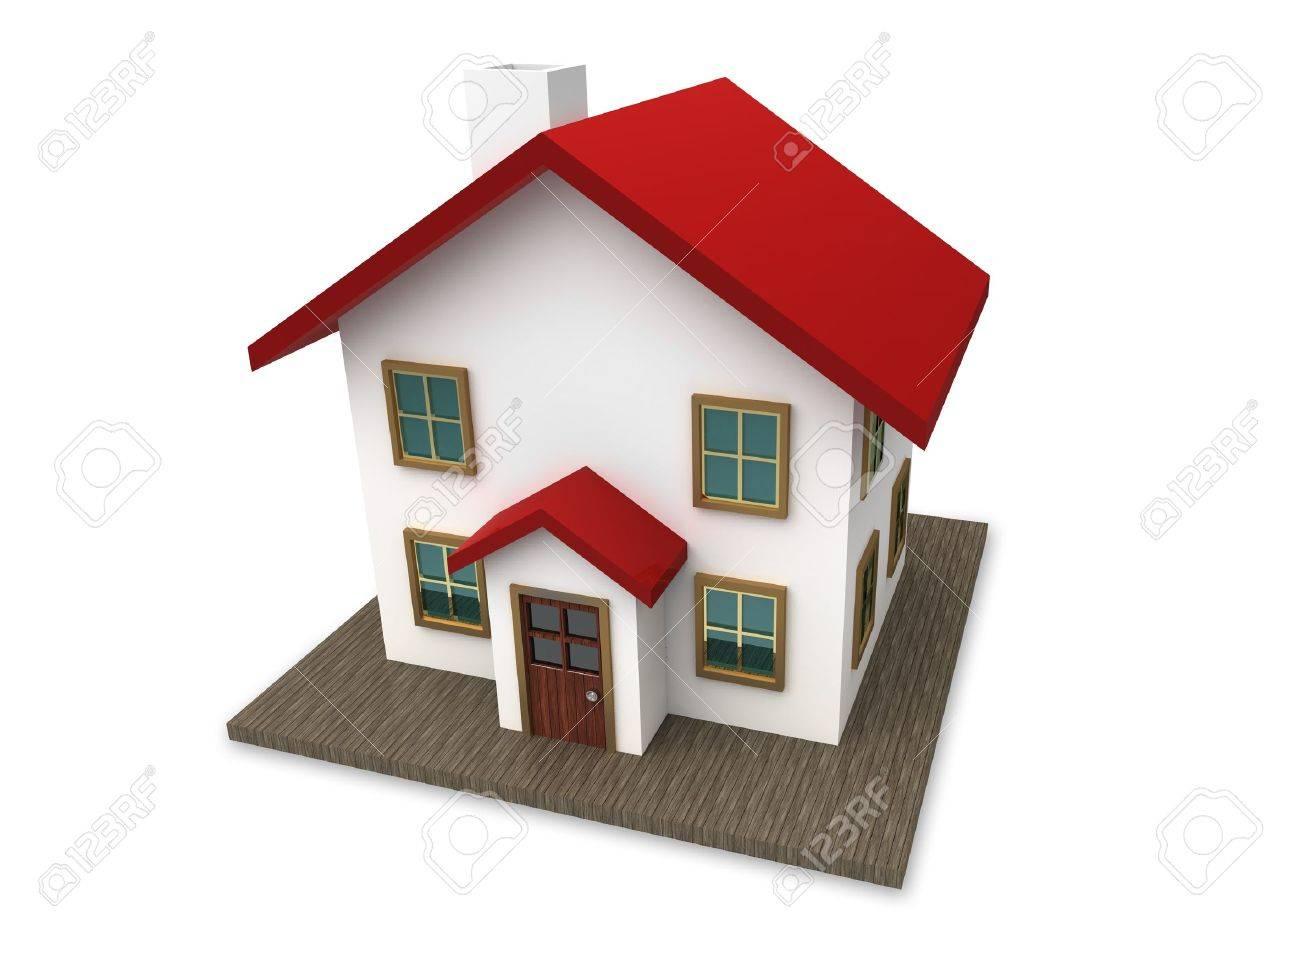 une petite maison au toit rouge sur un fond blanc creee en 3d